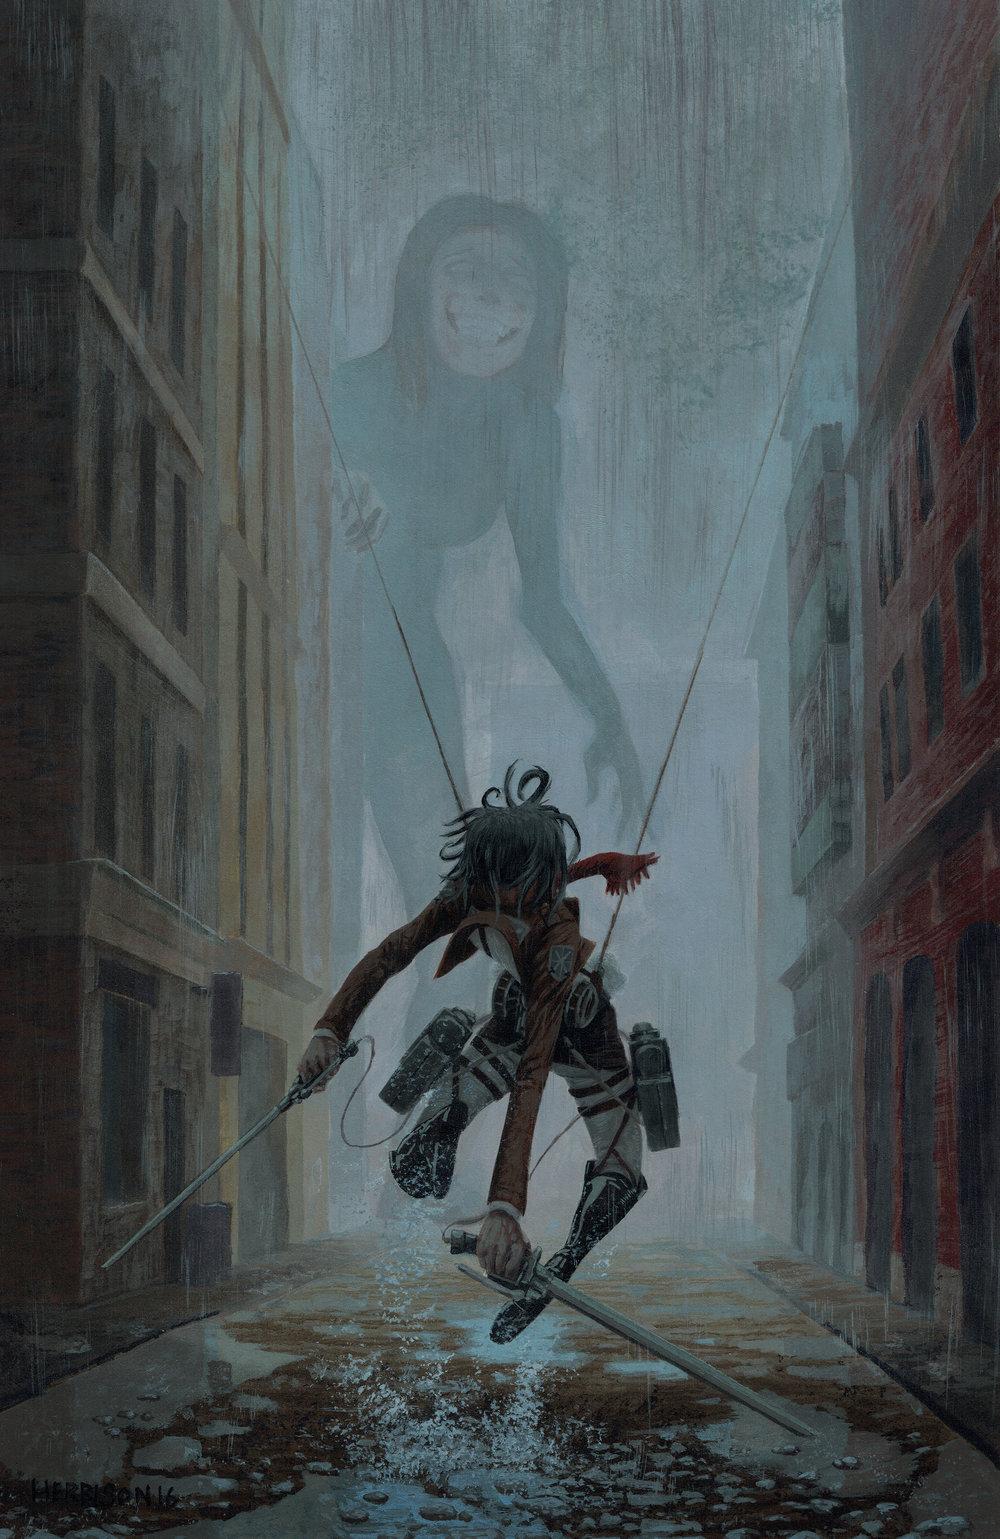 MARCELLA: Attack on titan mikasa